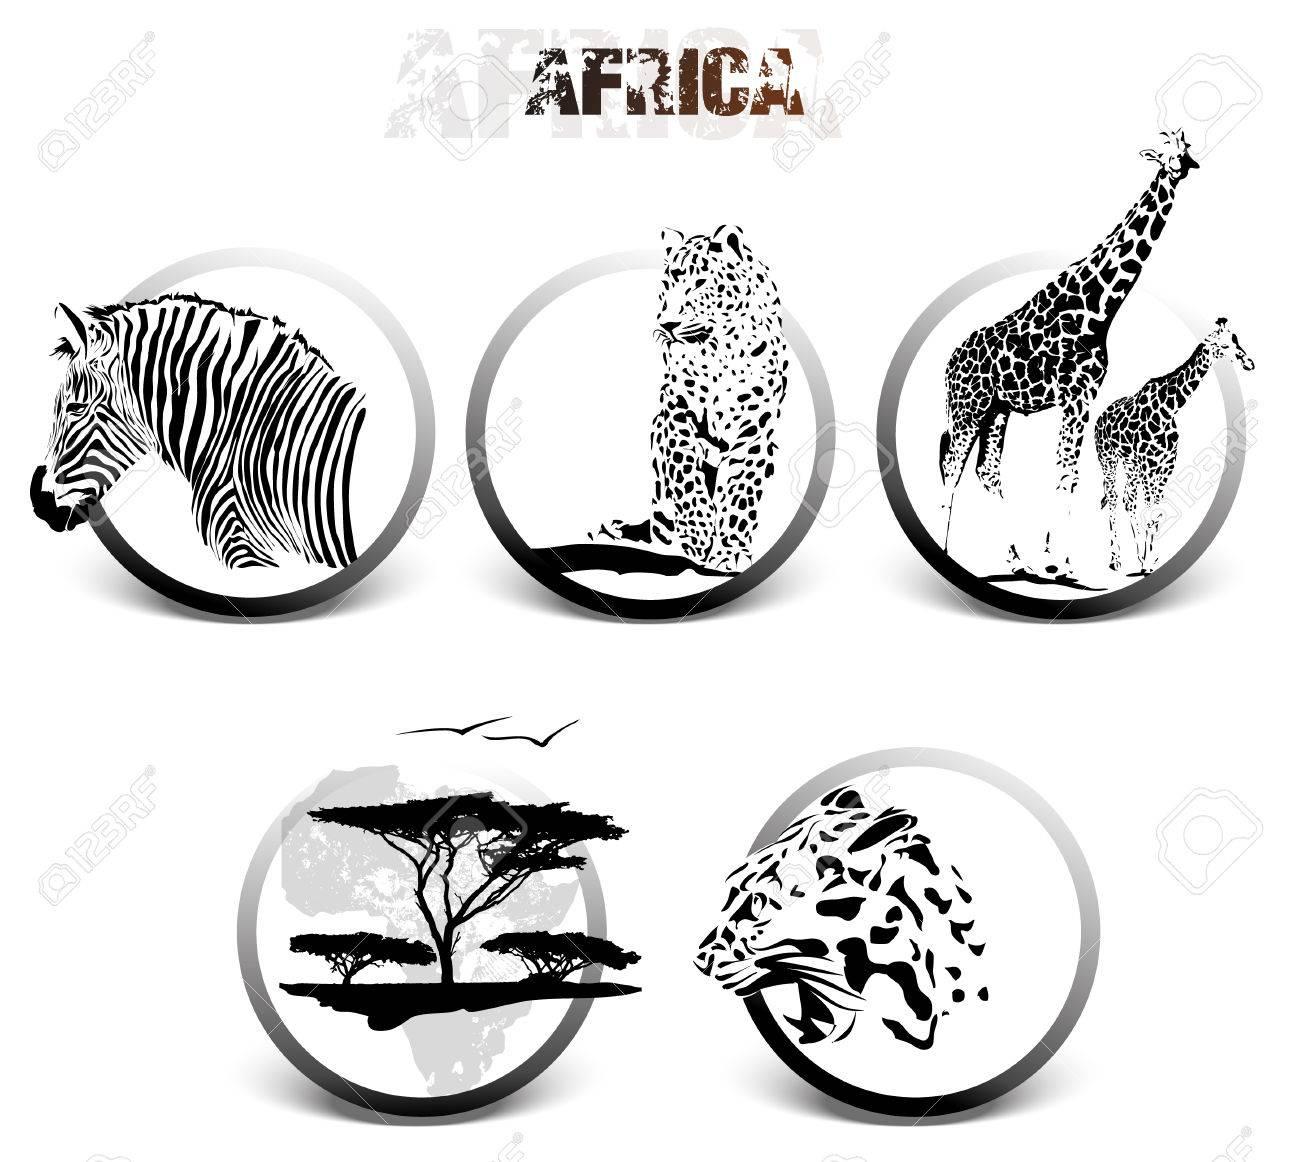 アフリカの動物のシルエット イラスト白背景、シマウマ、キリン、ヒョウ